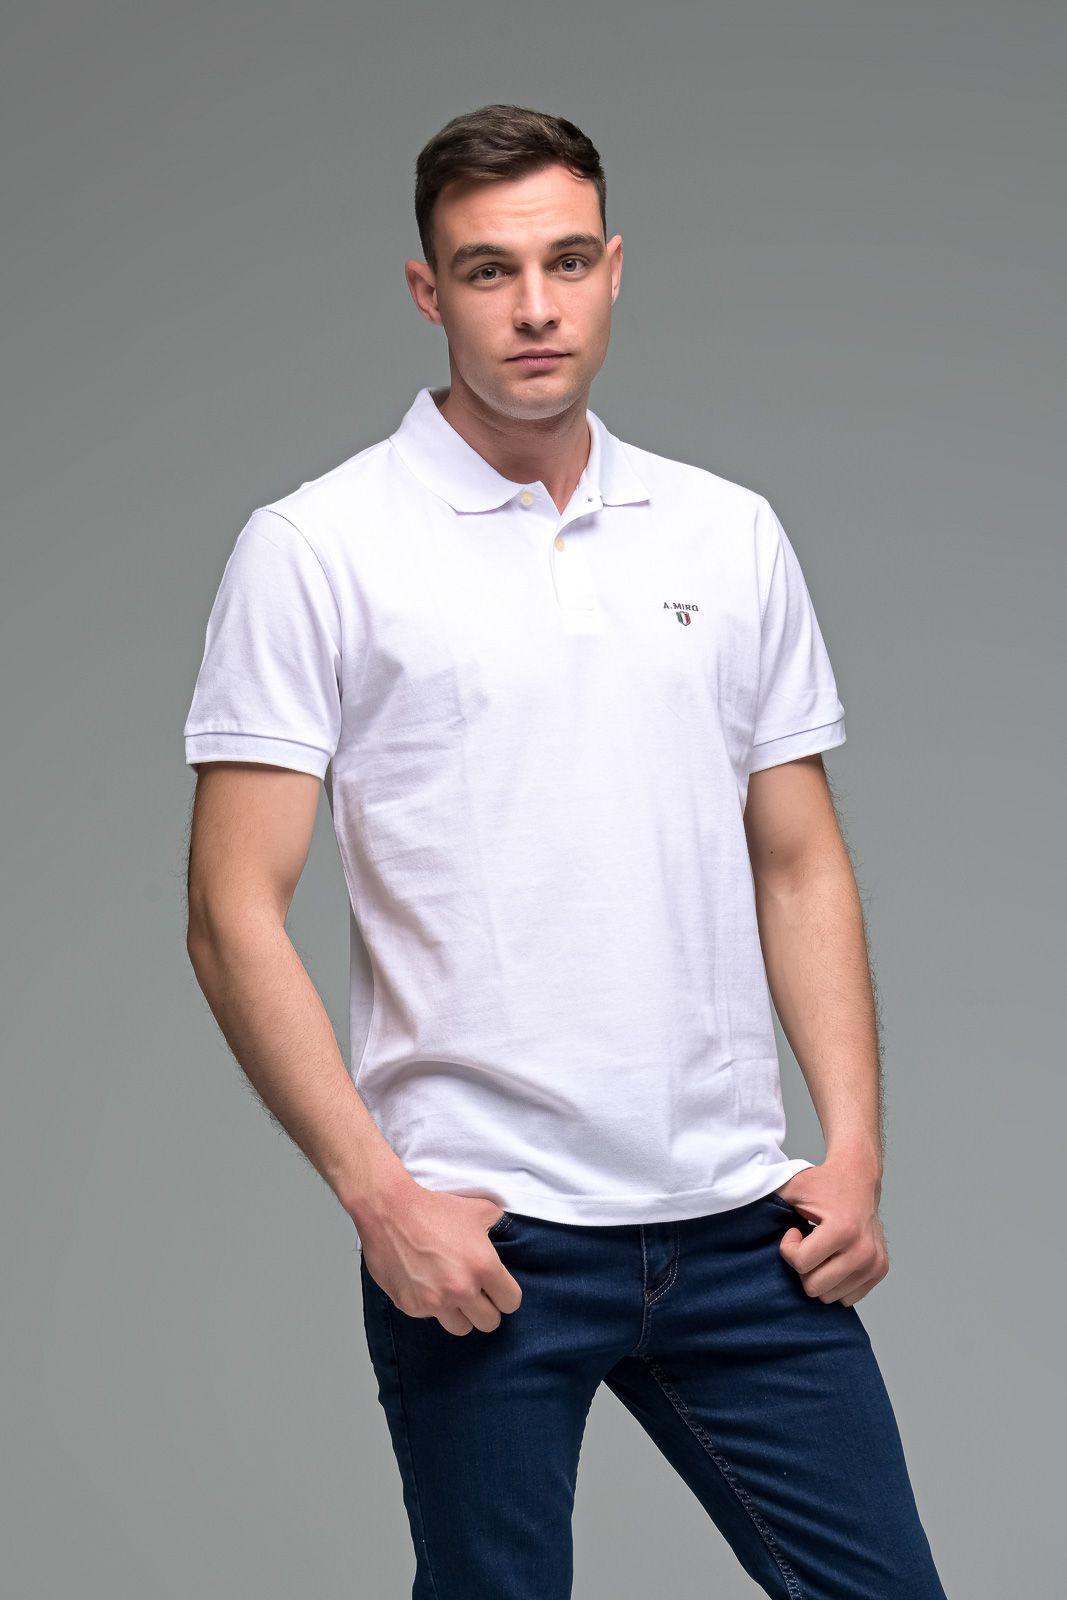 Μονόχρωμο Ανδρικό Πόλο Μπλουζάκι Λευκό Basic Collection- Slim Fit